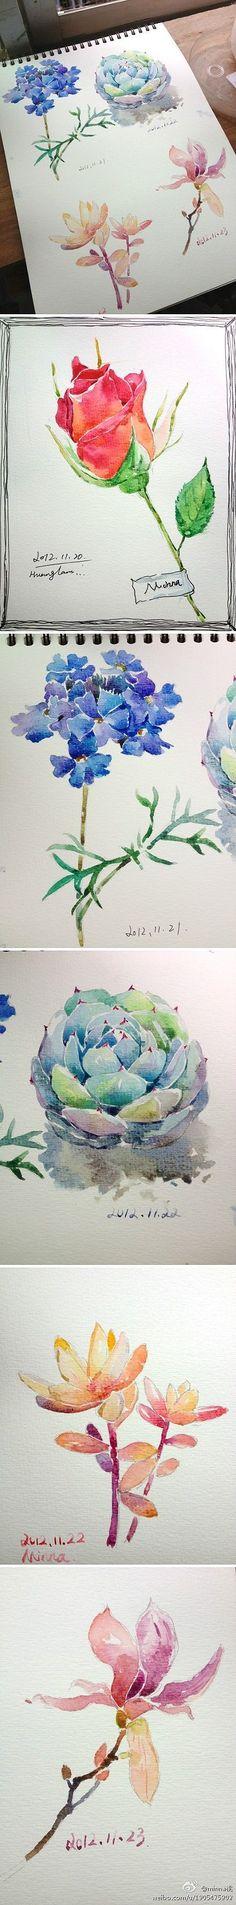 水彩 插画手绘 minna桃的照片 - Picmia